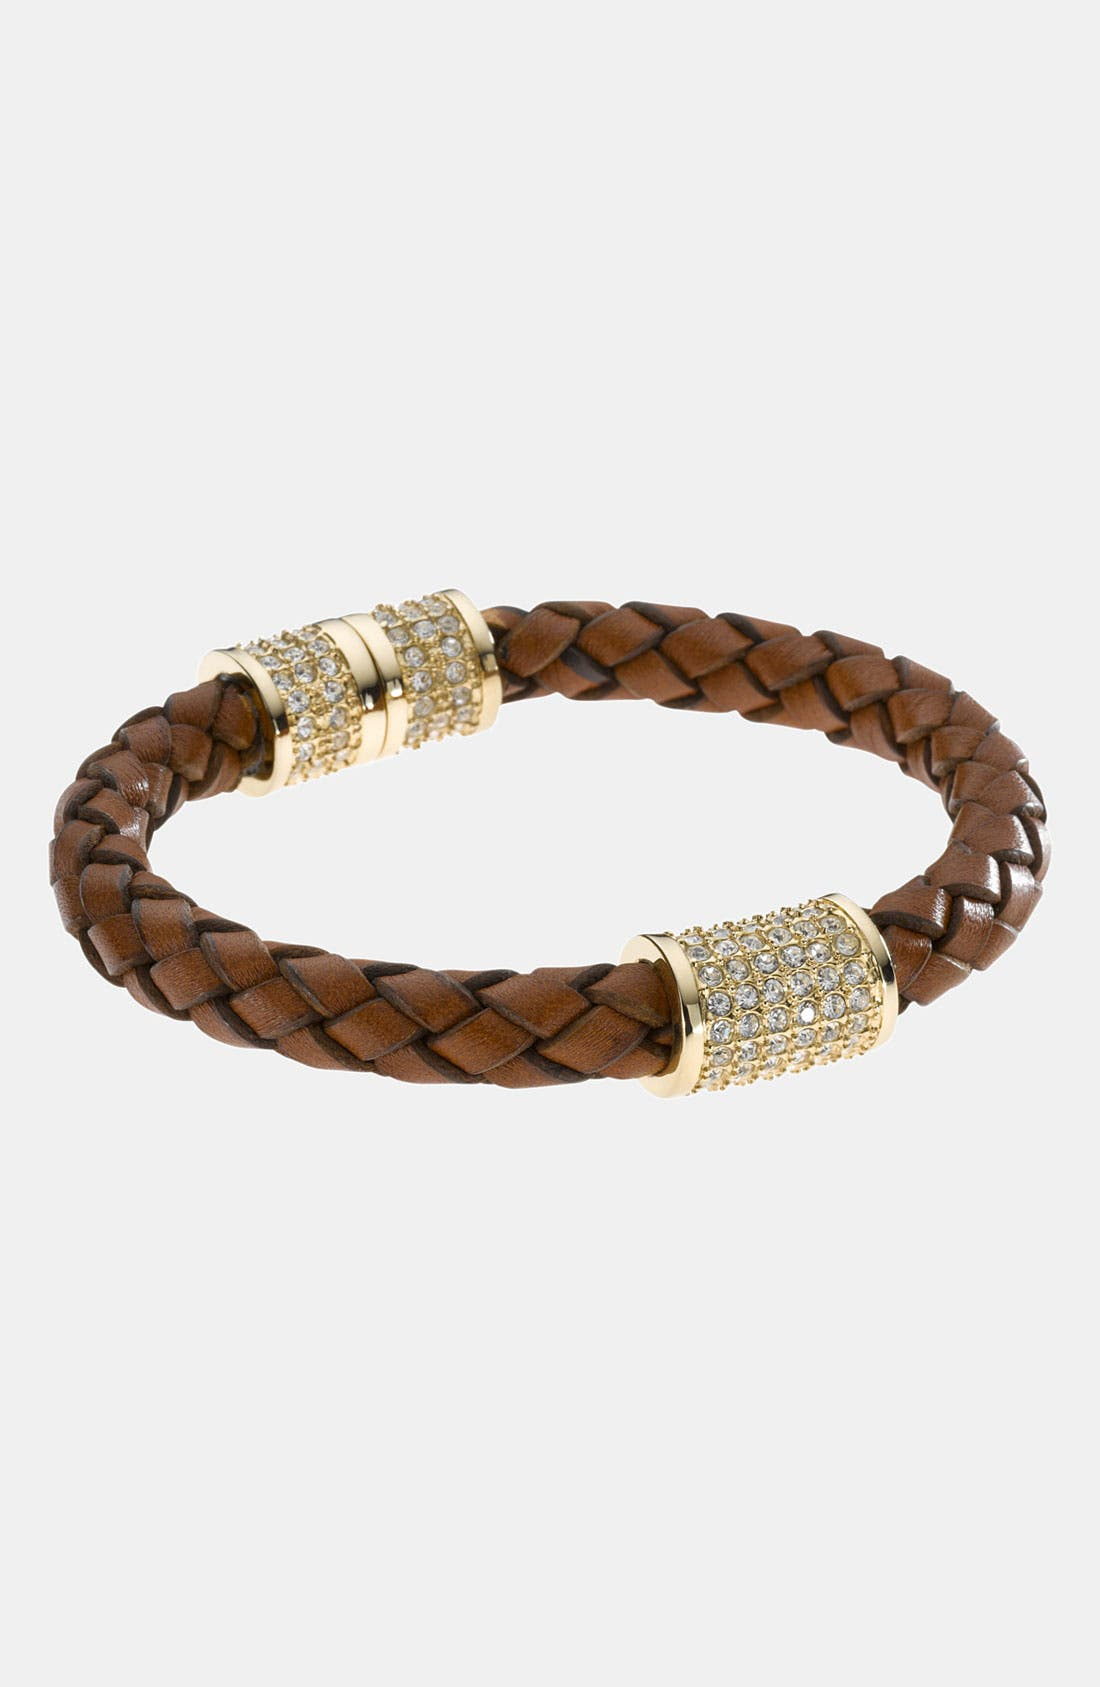 Alternate Image 1 Selected - Michael Kors 'Skorpios' Wide Leather Rope Bracelet